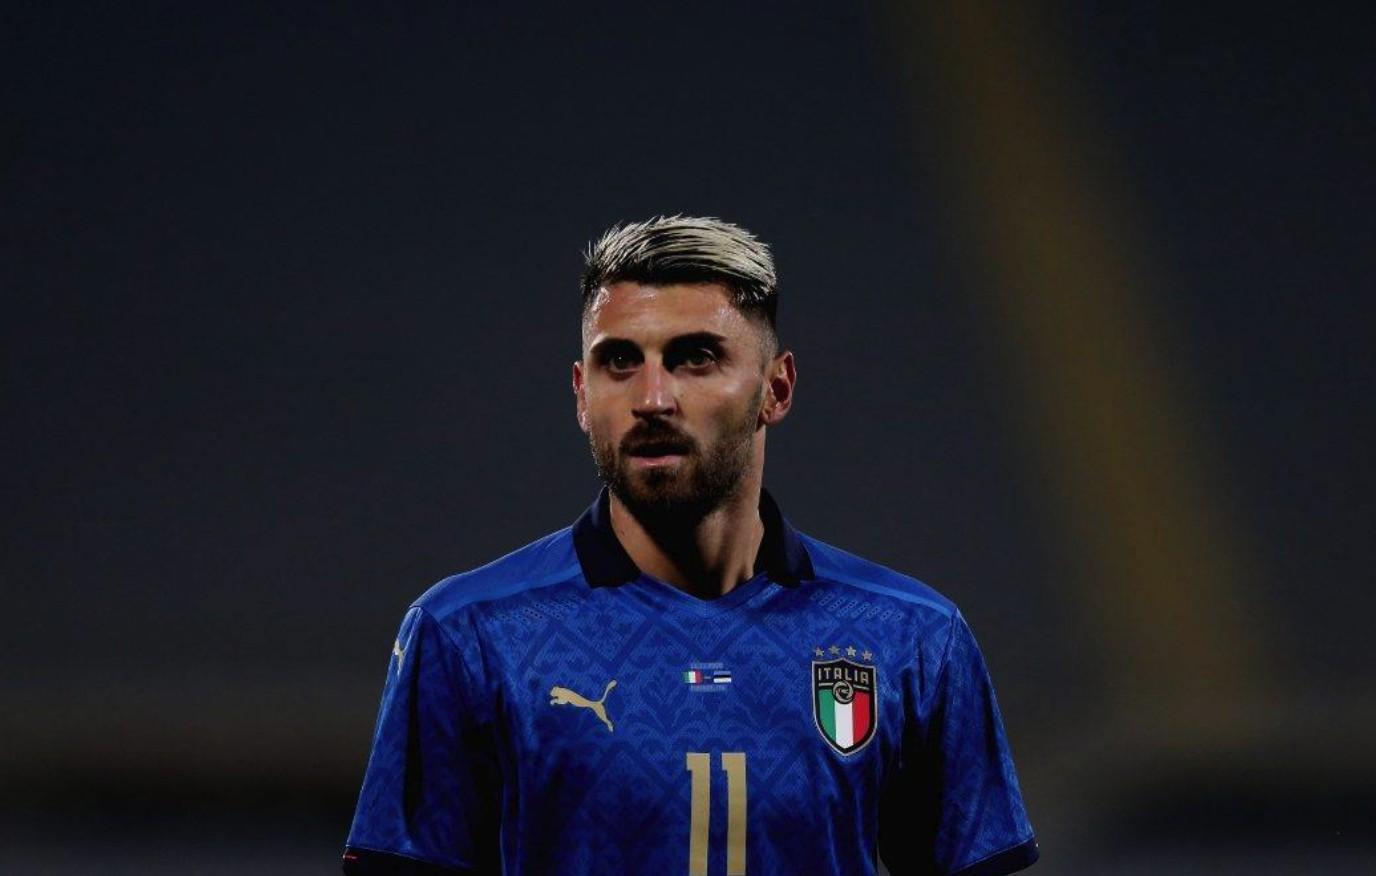 格里福:希望我的表现能配得上参与欧洲杯;未来想去意甲